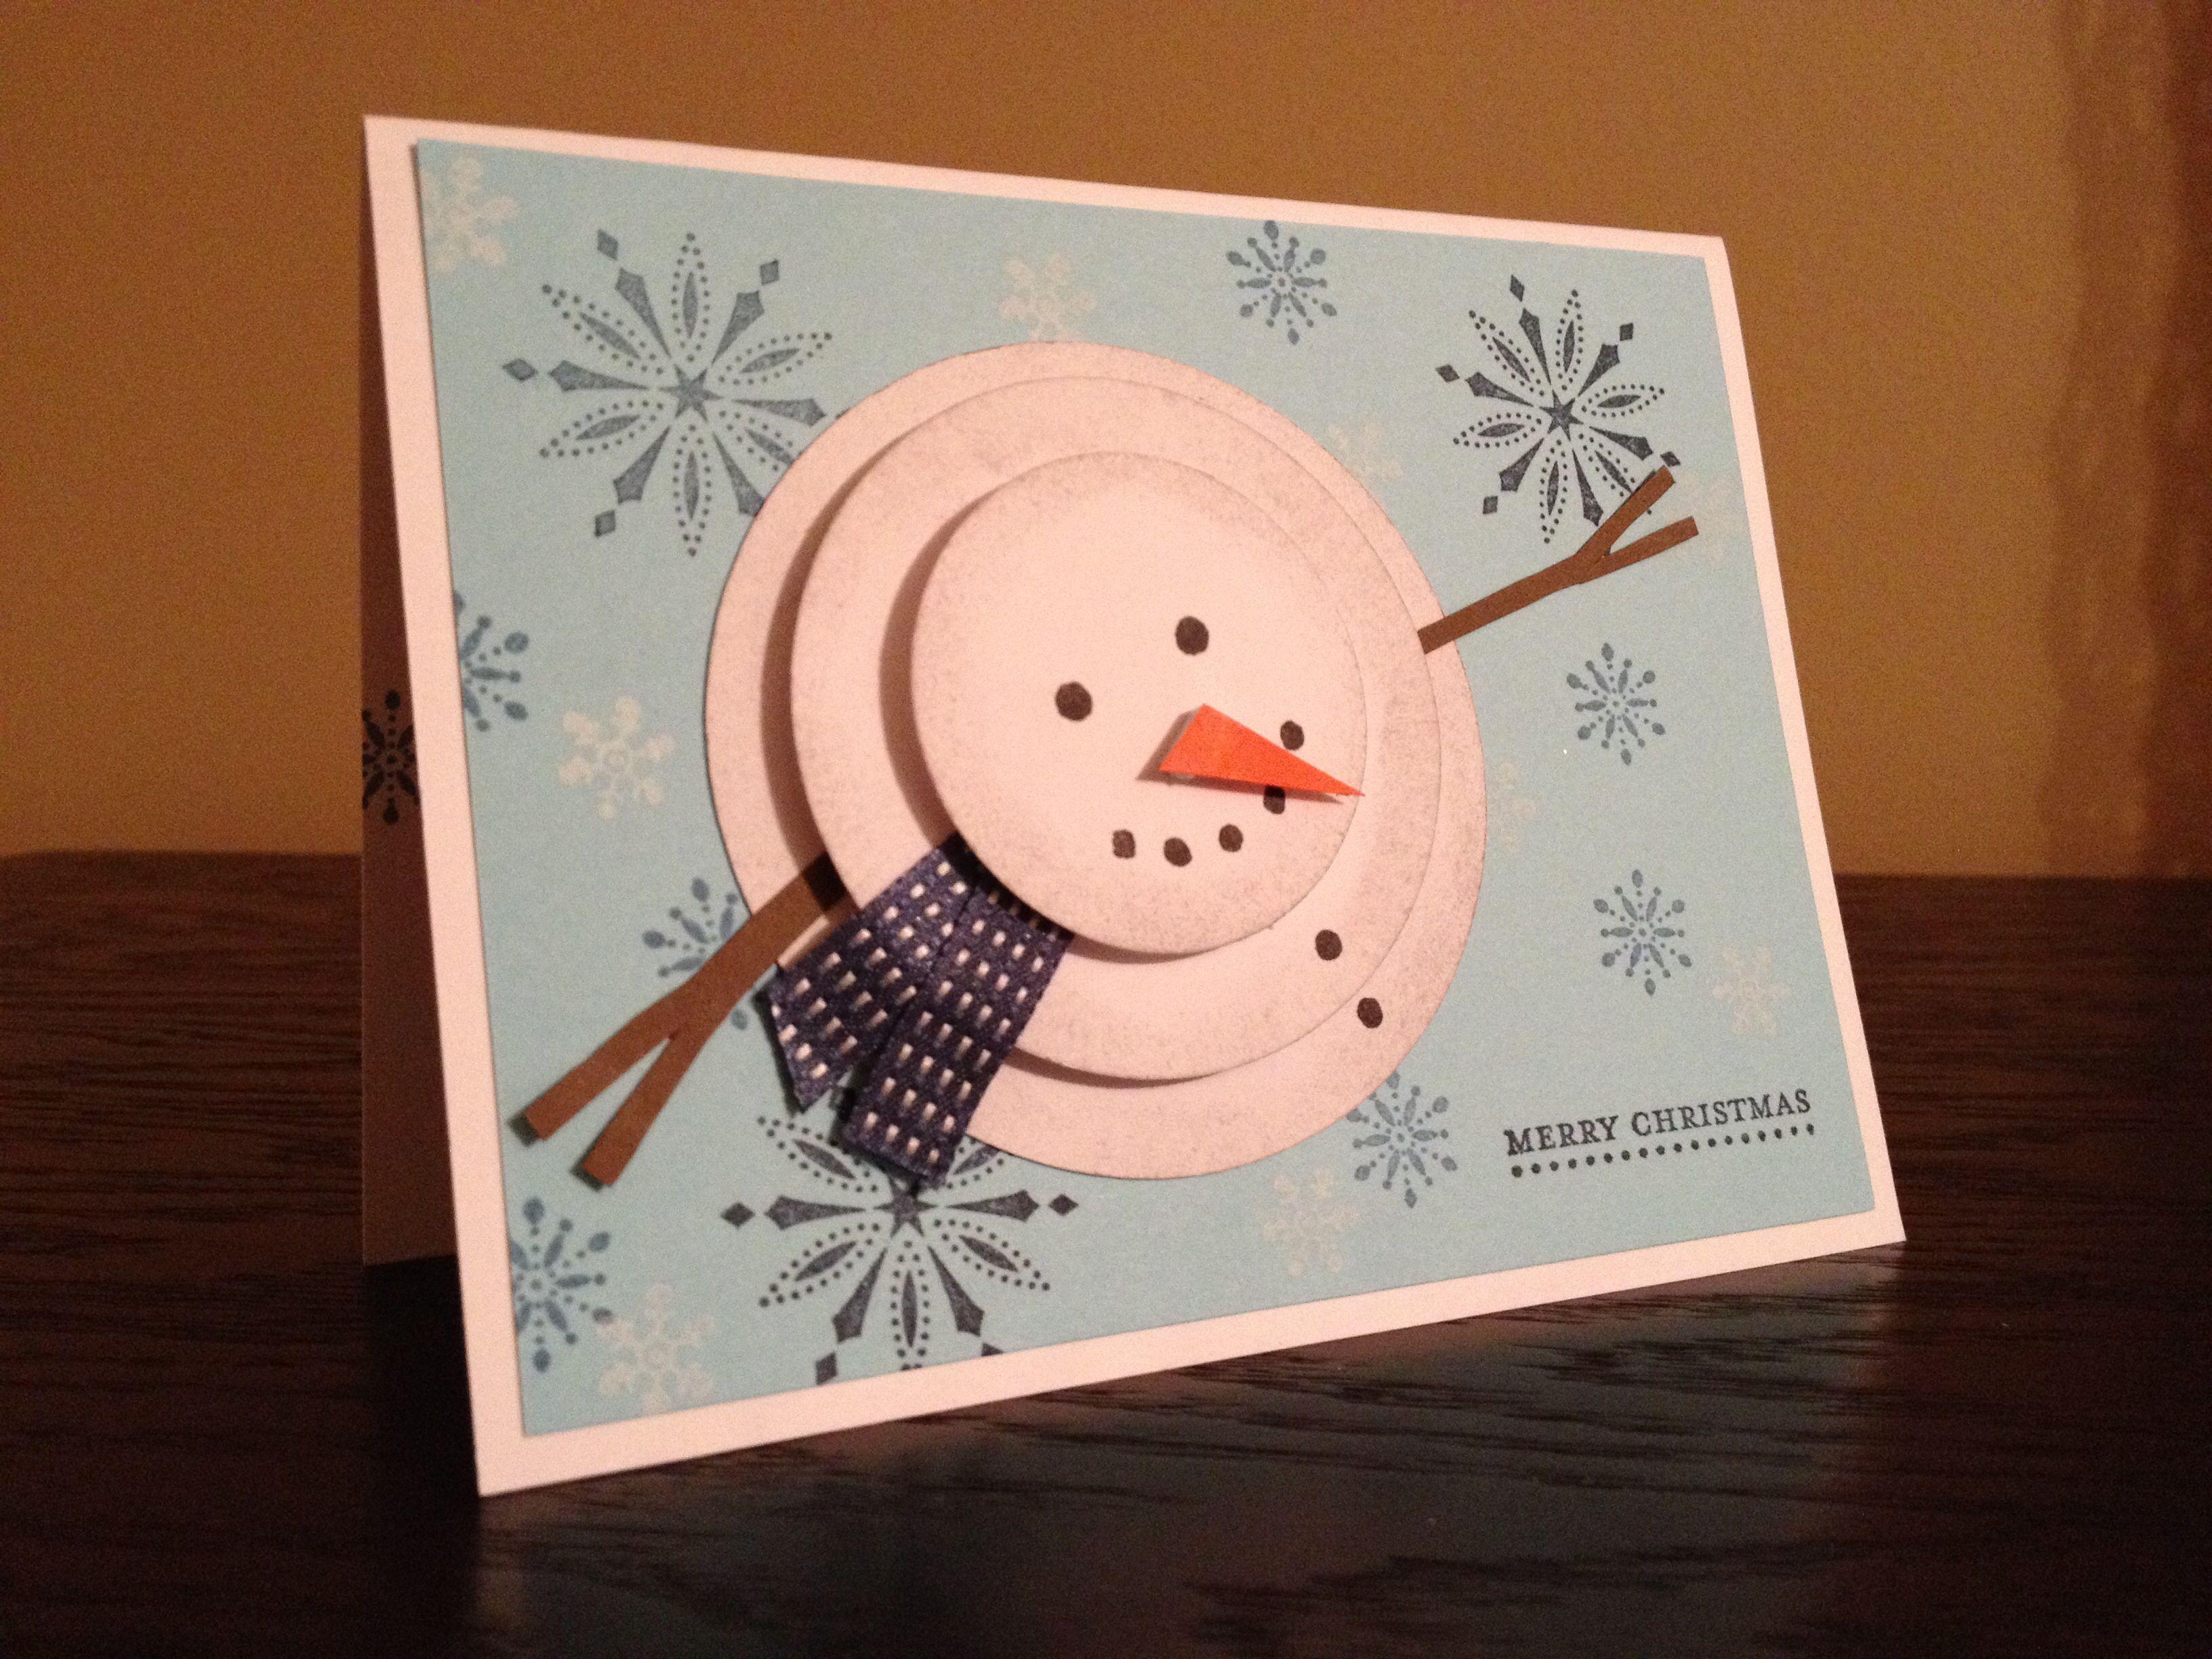 Merry christmas handmade card with 3d snowman for Handmade snowman christmas cards